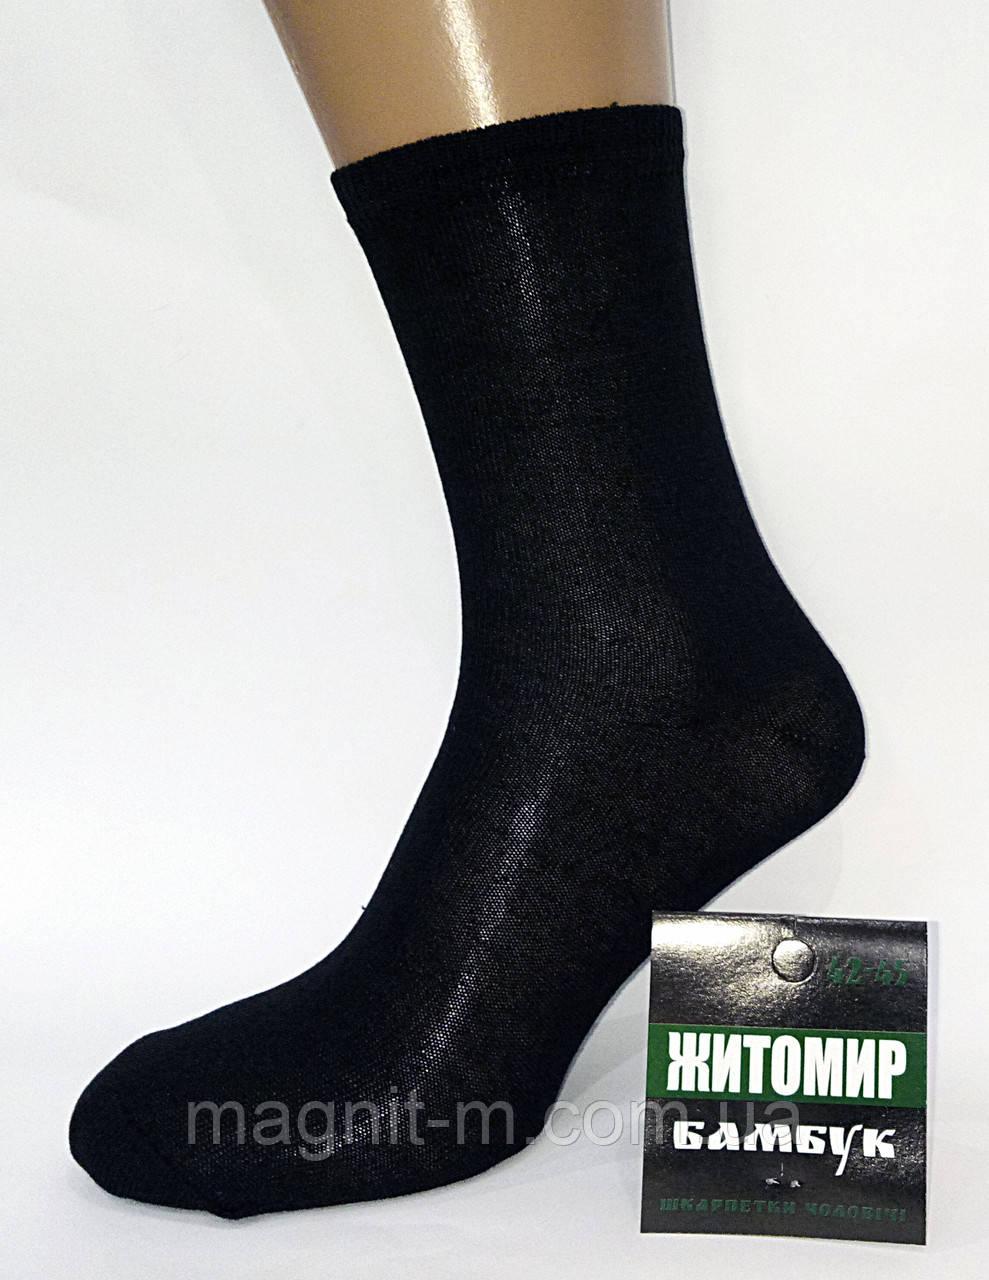 Шкарпетки Чоловічі. Тонкі. Житомир. Бавовна. 600. Чорні.